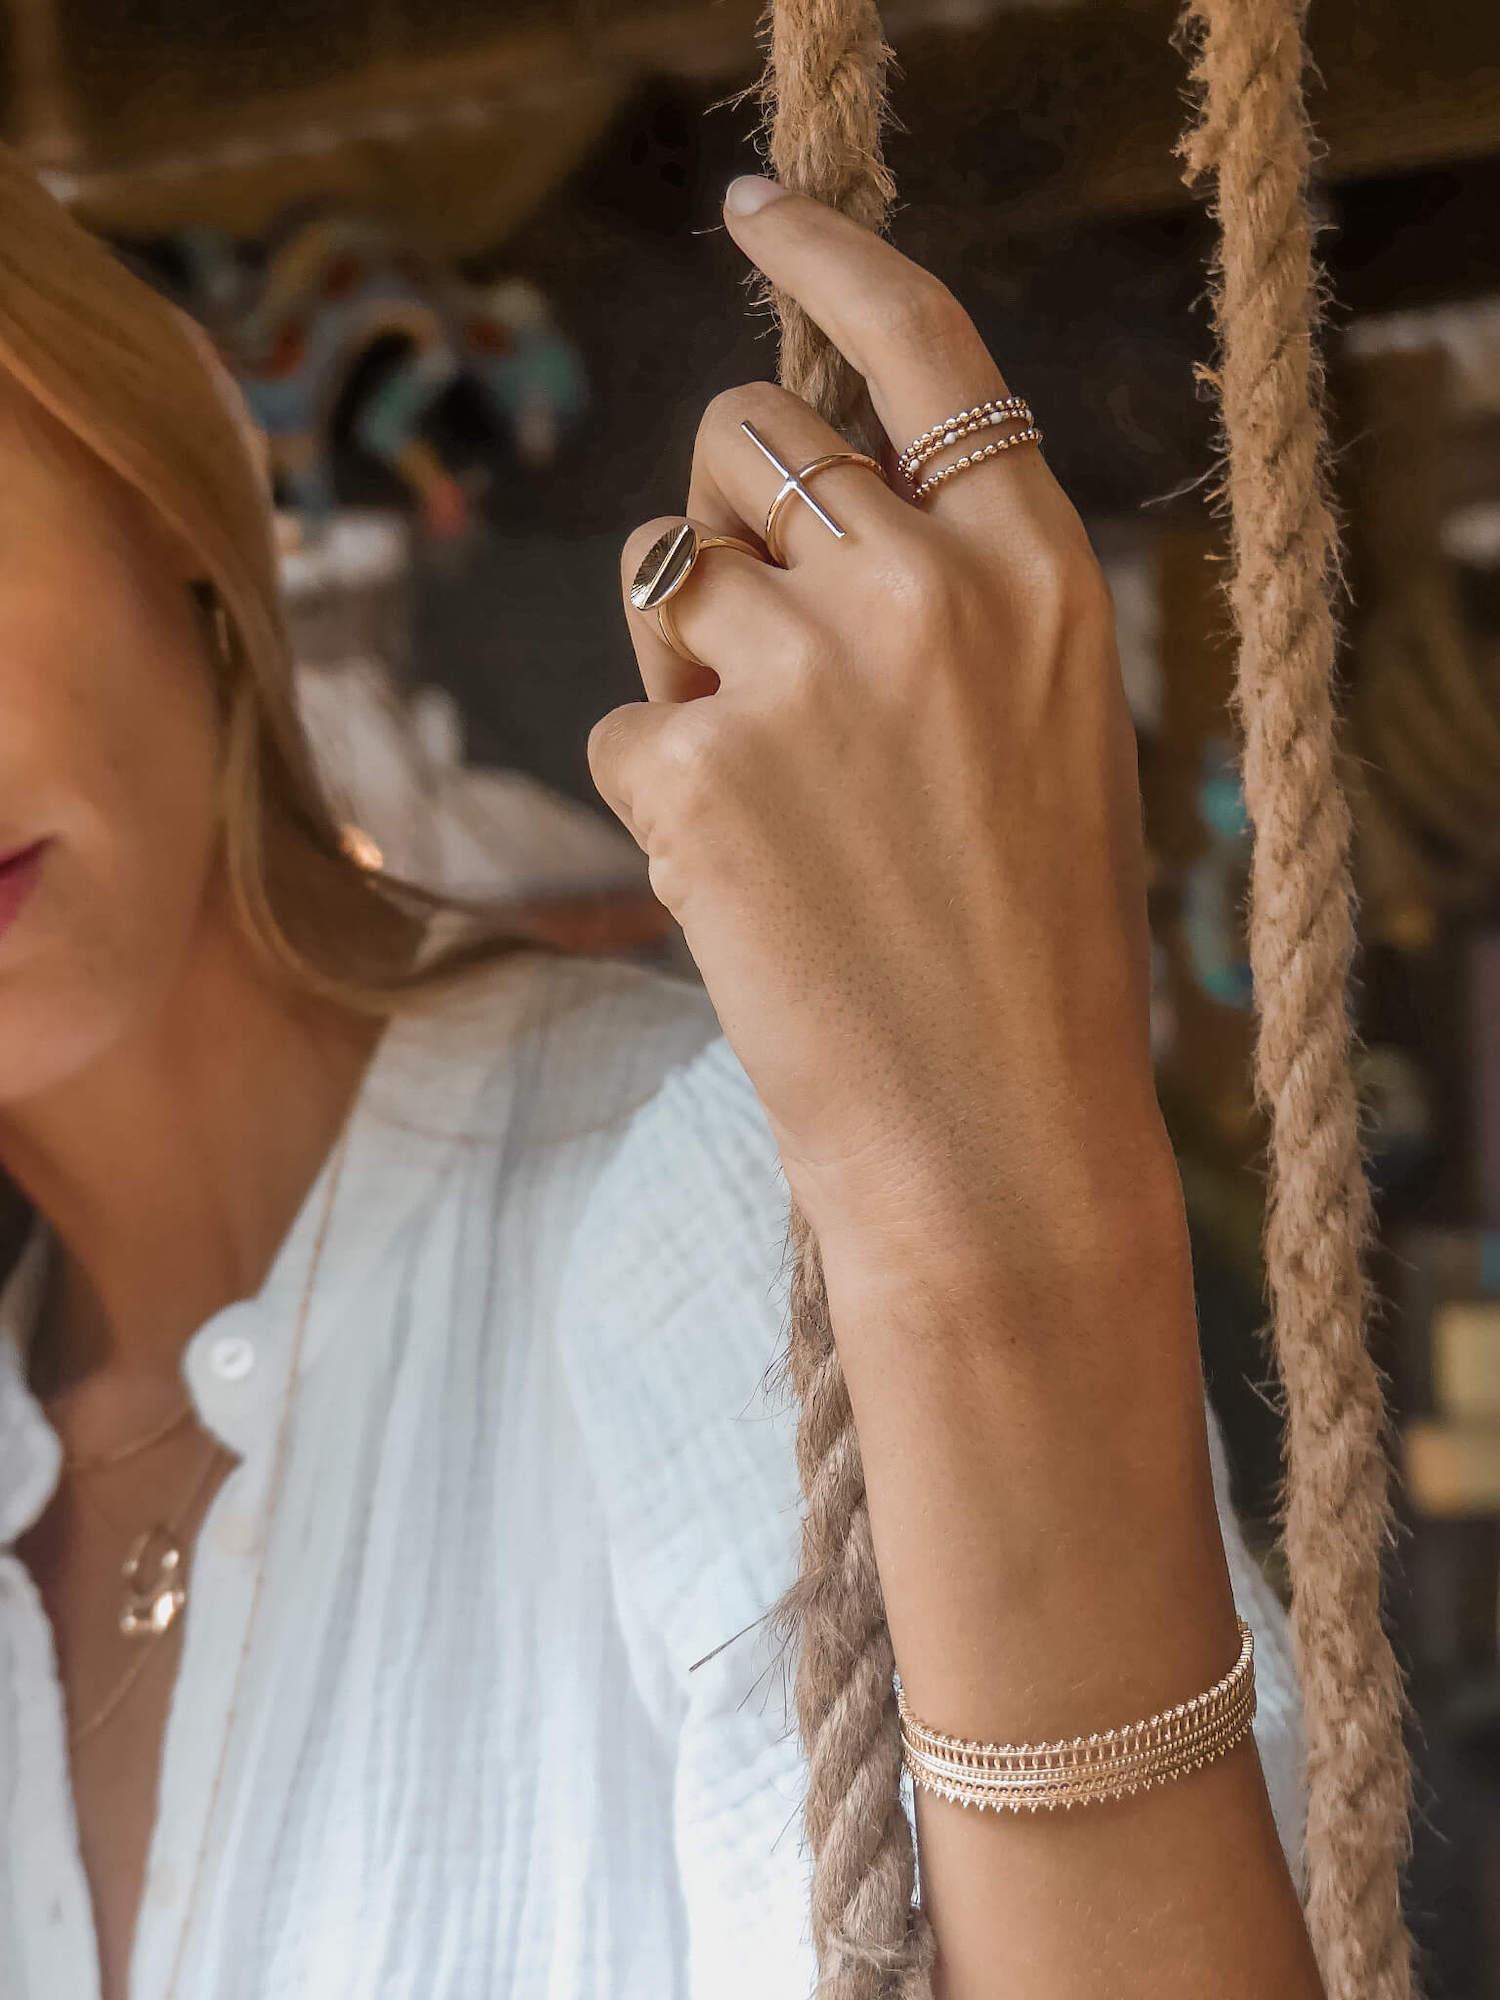 bijoux tendance - bague femme plaqué or - bague Martinique - Cénélia